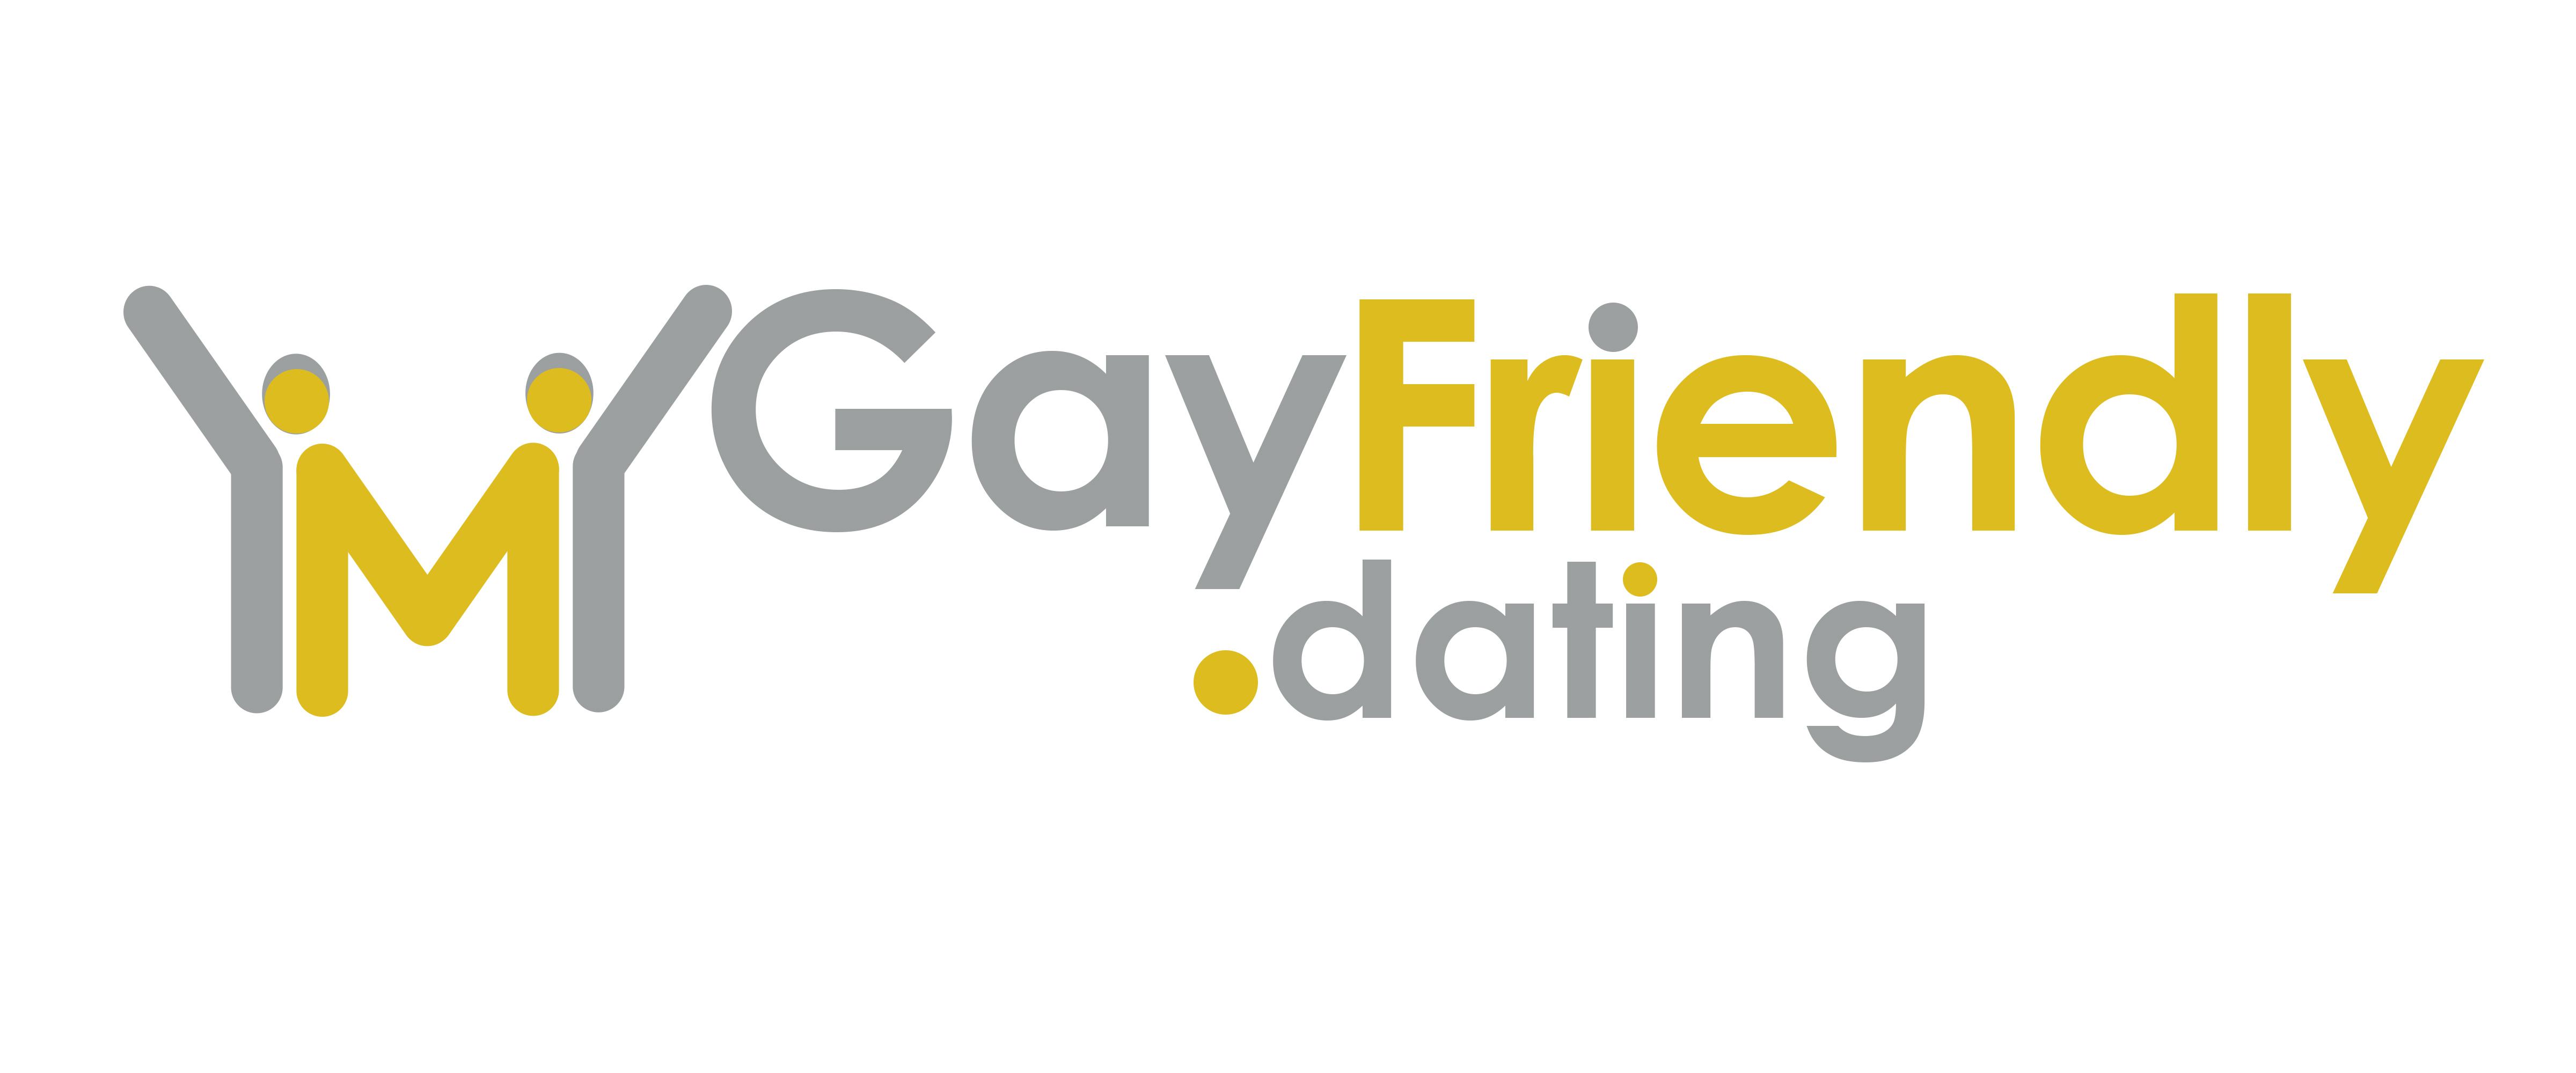 Разработать логотип для англоязычн. сайта знакомств для геев фото f_5555b4a187e07dc8.jpg